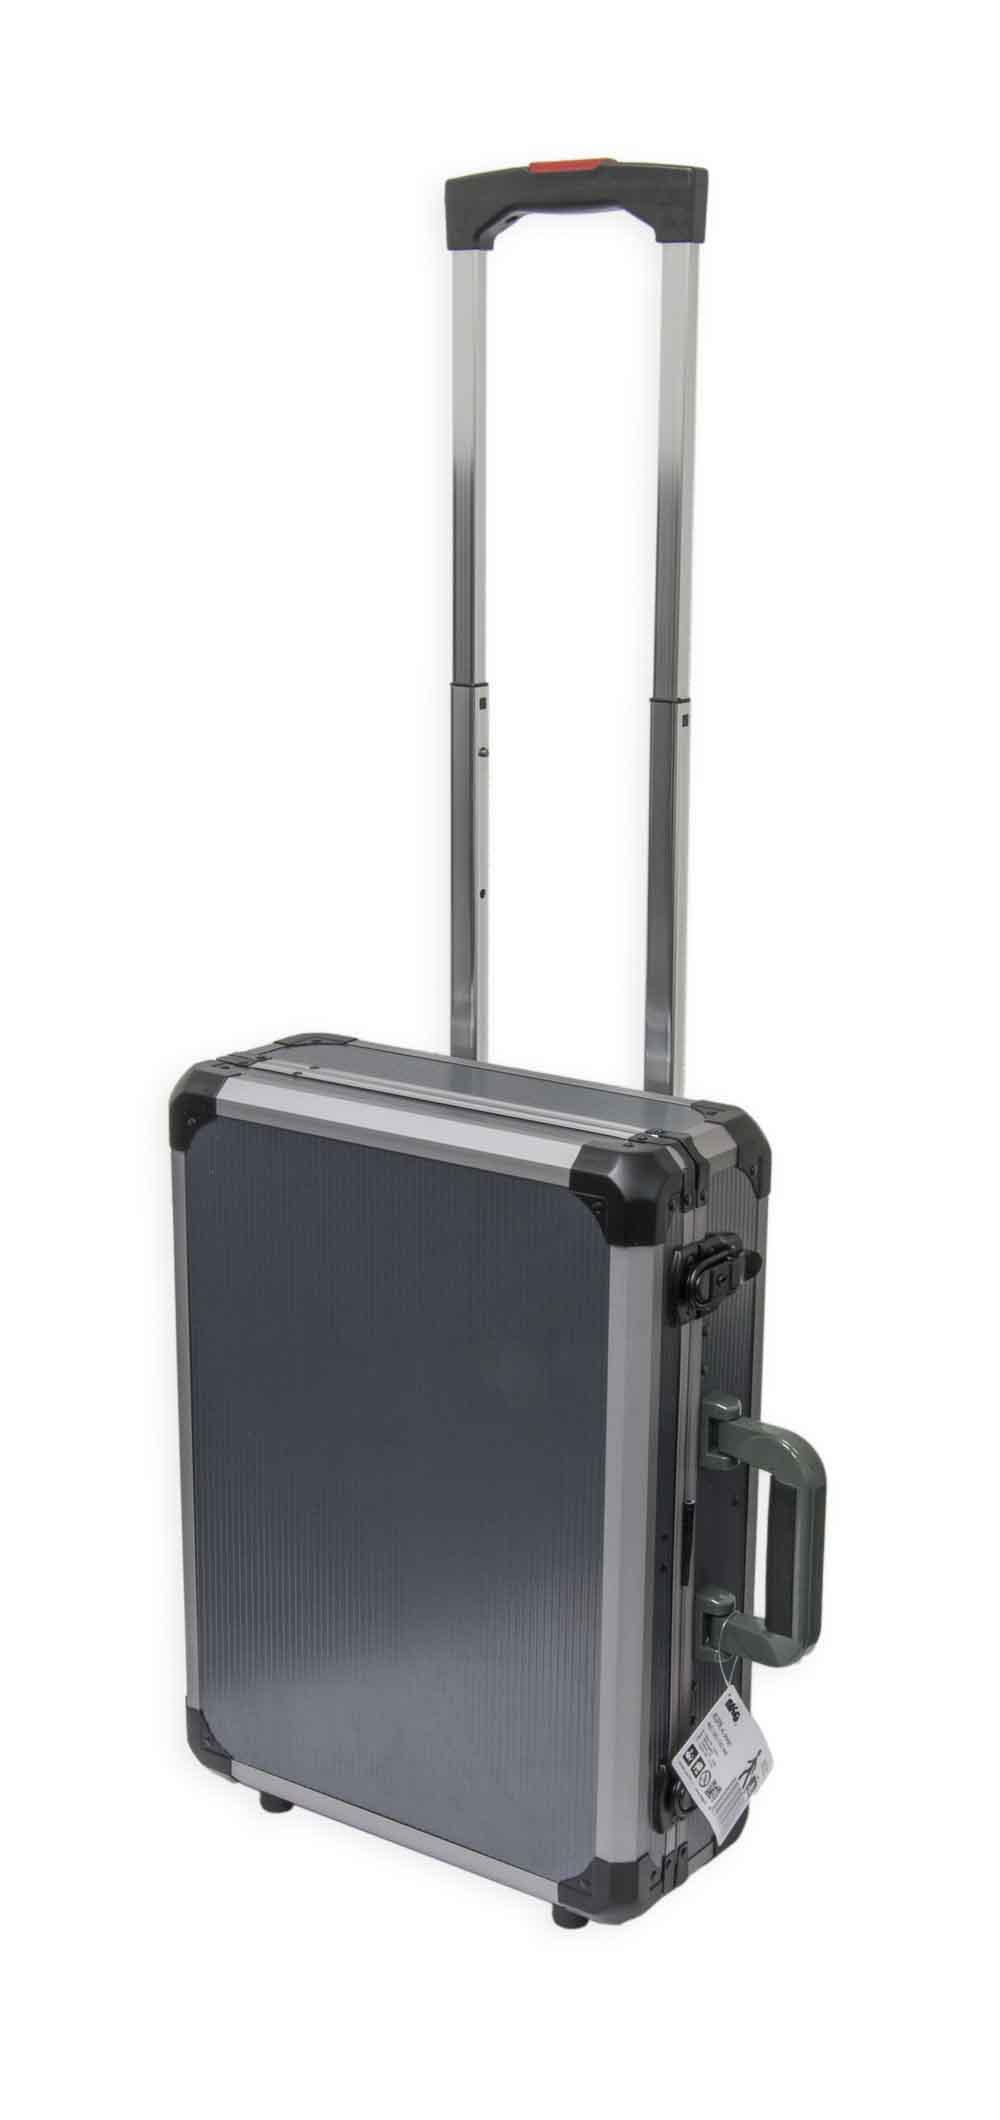 Kufr na nářadí na kolečkách; 465x345x142 mm pojízdný, AL design